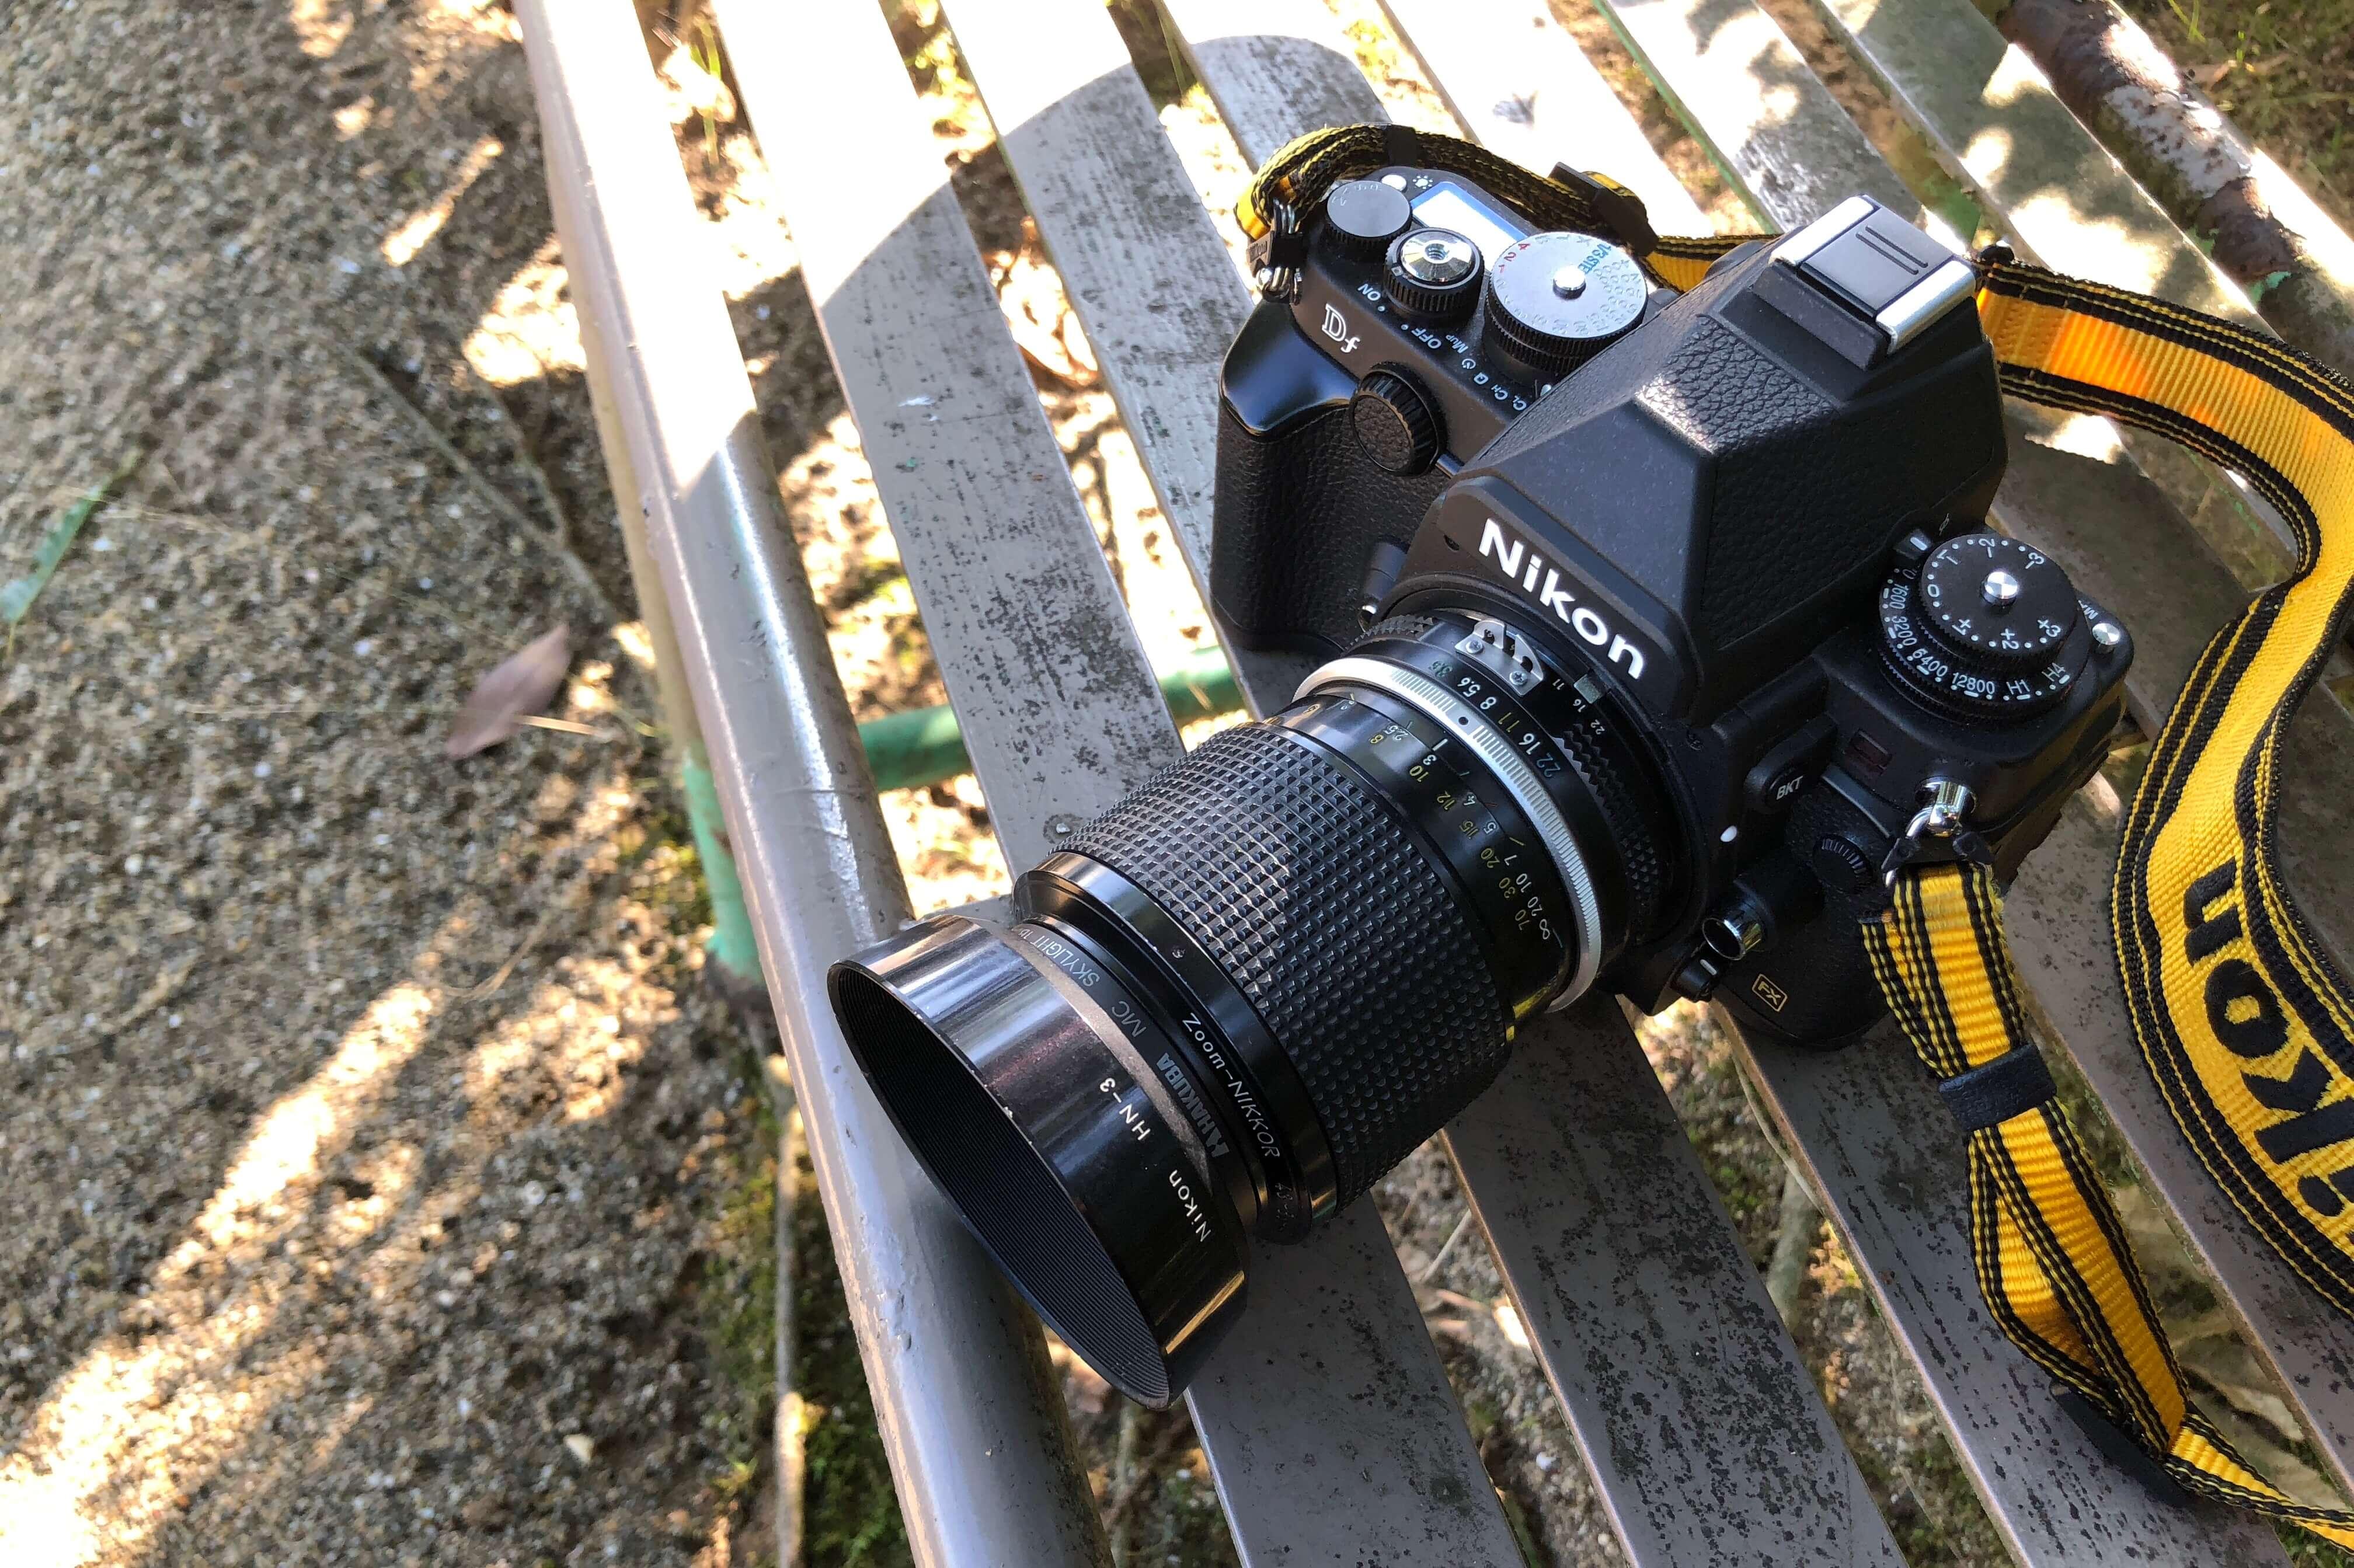 究極の一台というなら、Nikon Dfと標準ズーム43-86/3.5でどうだろう。